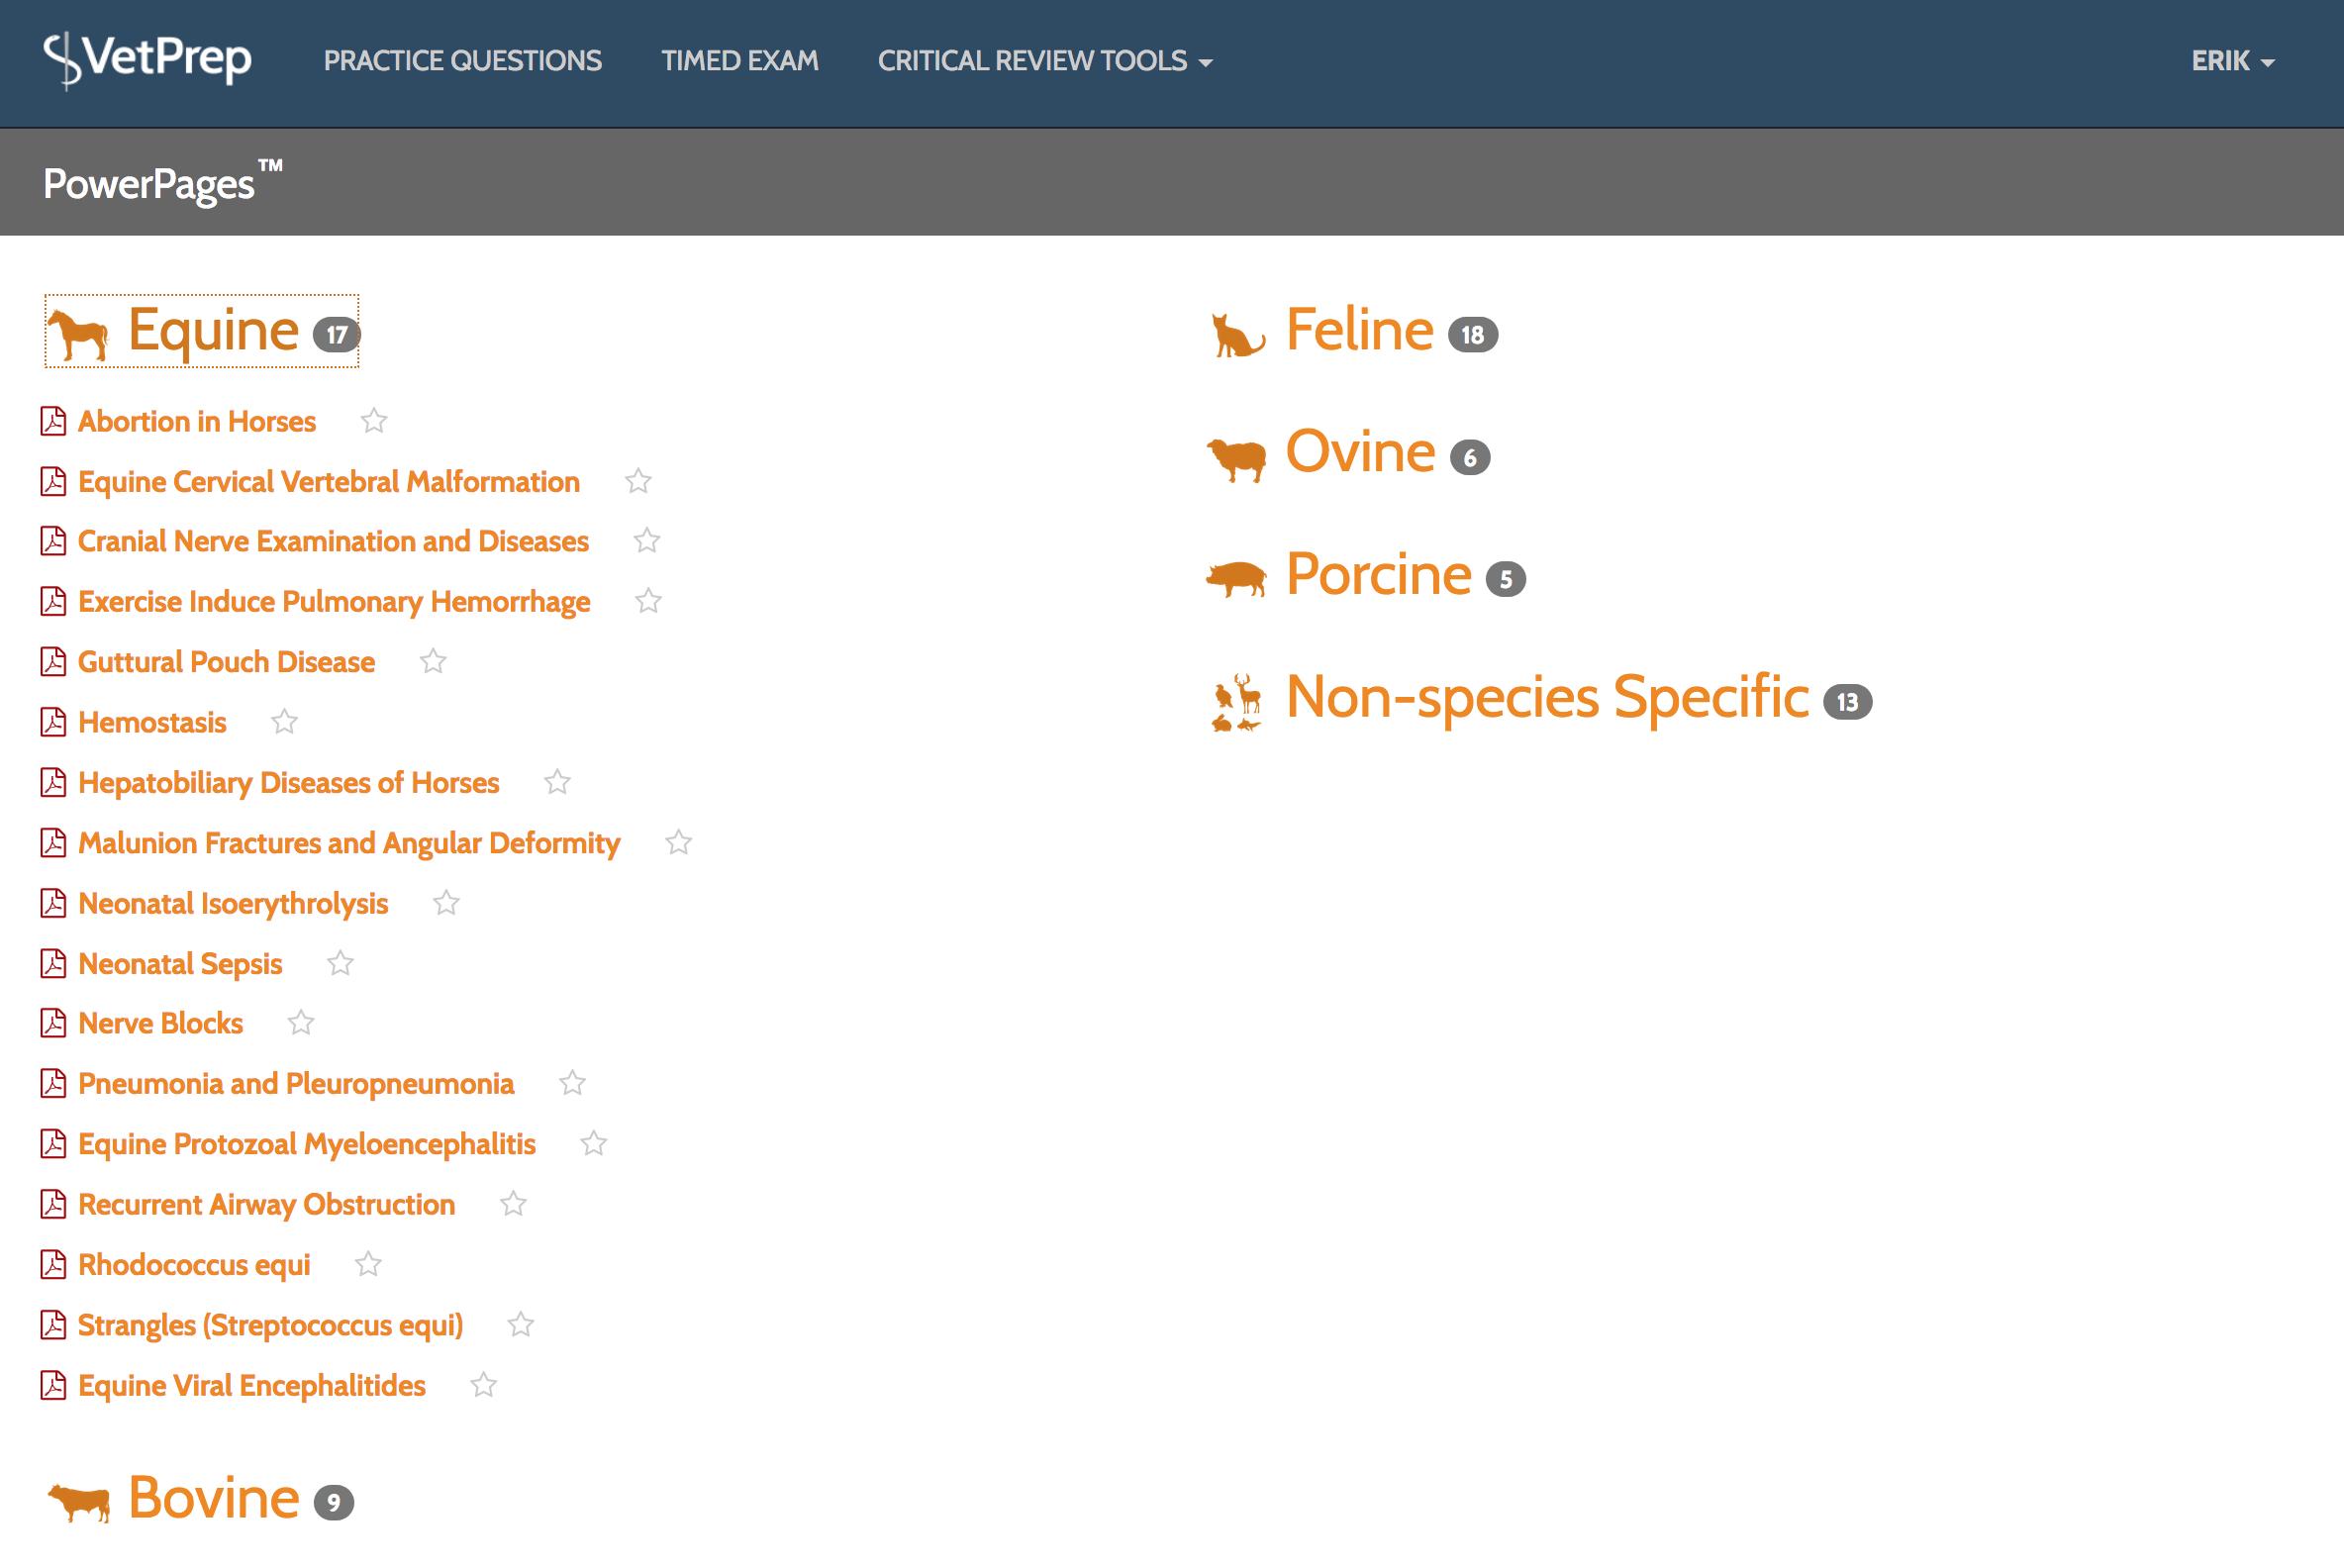 VetPrep Demo - PowerPages